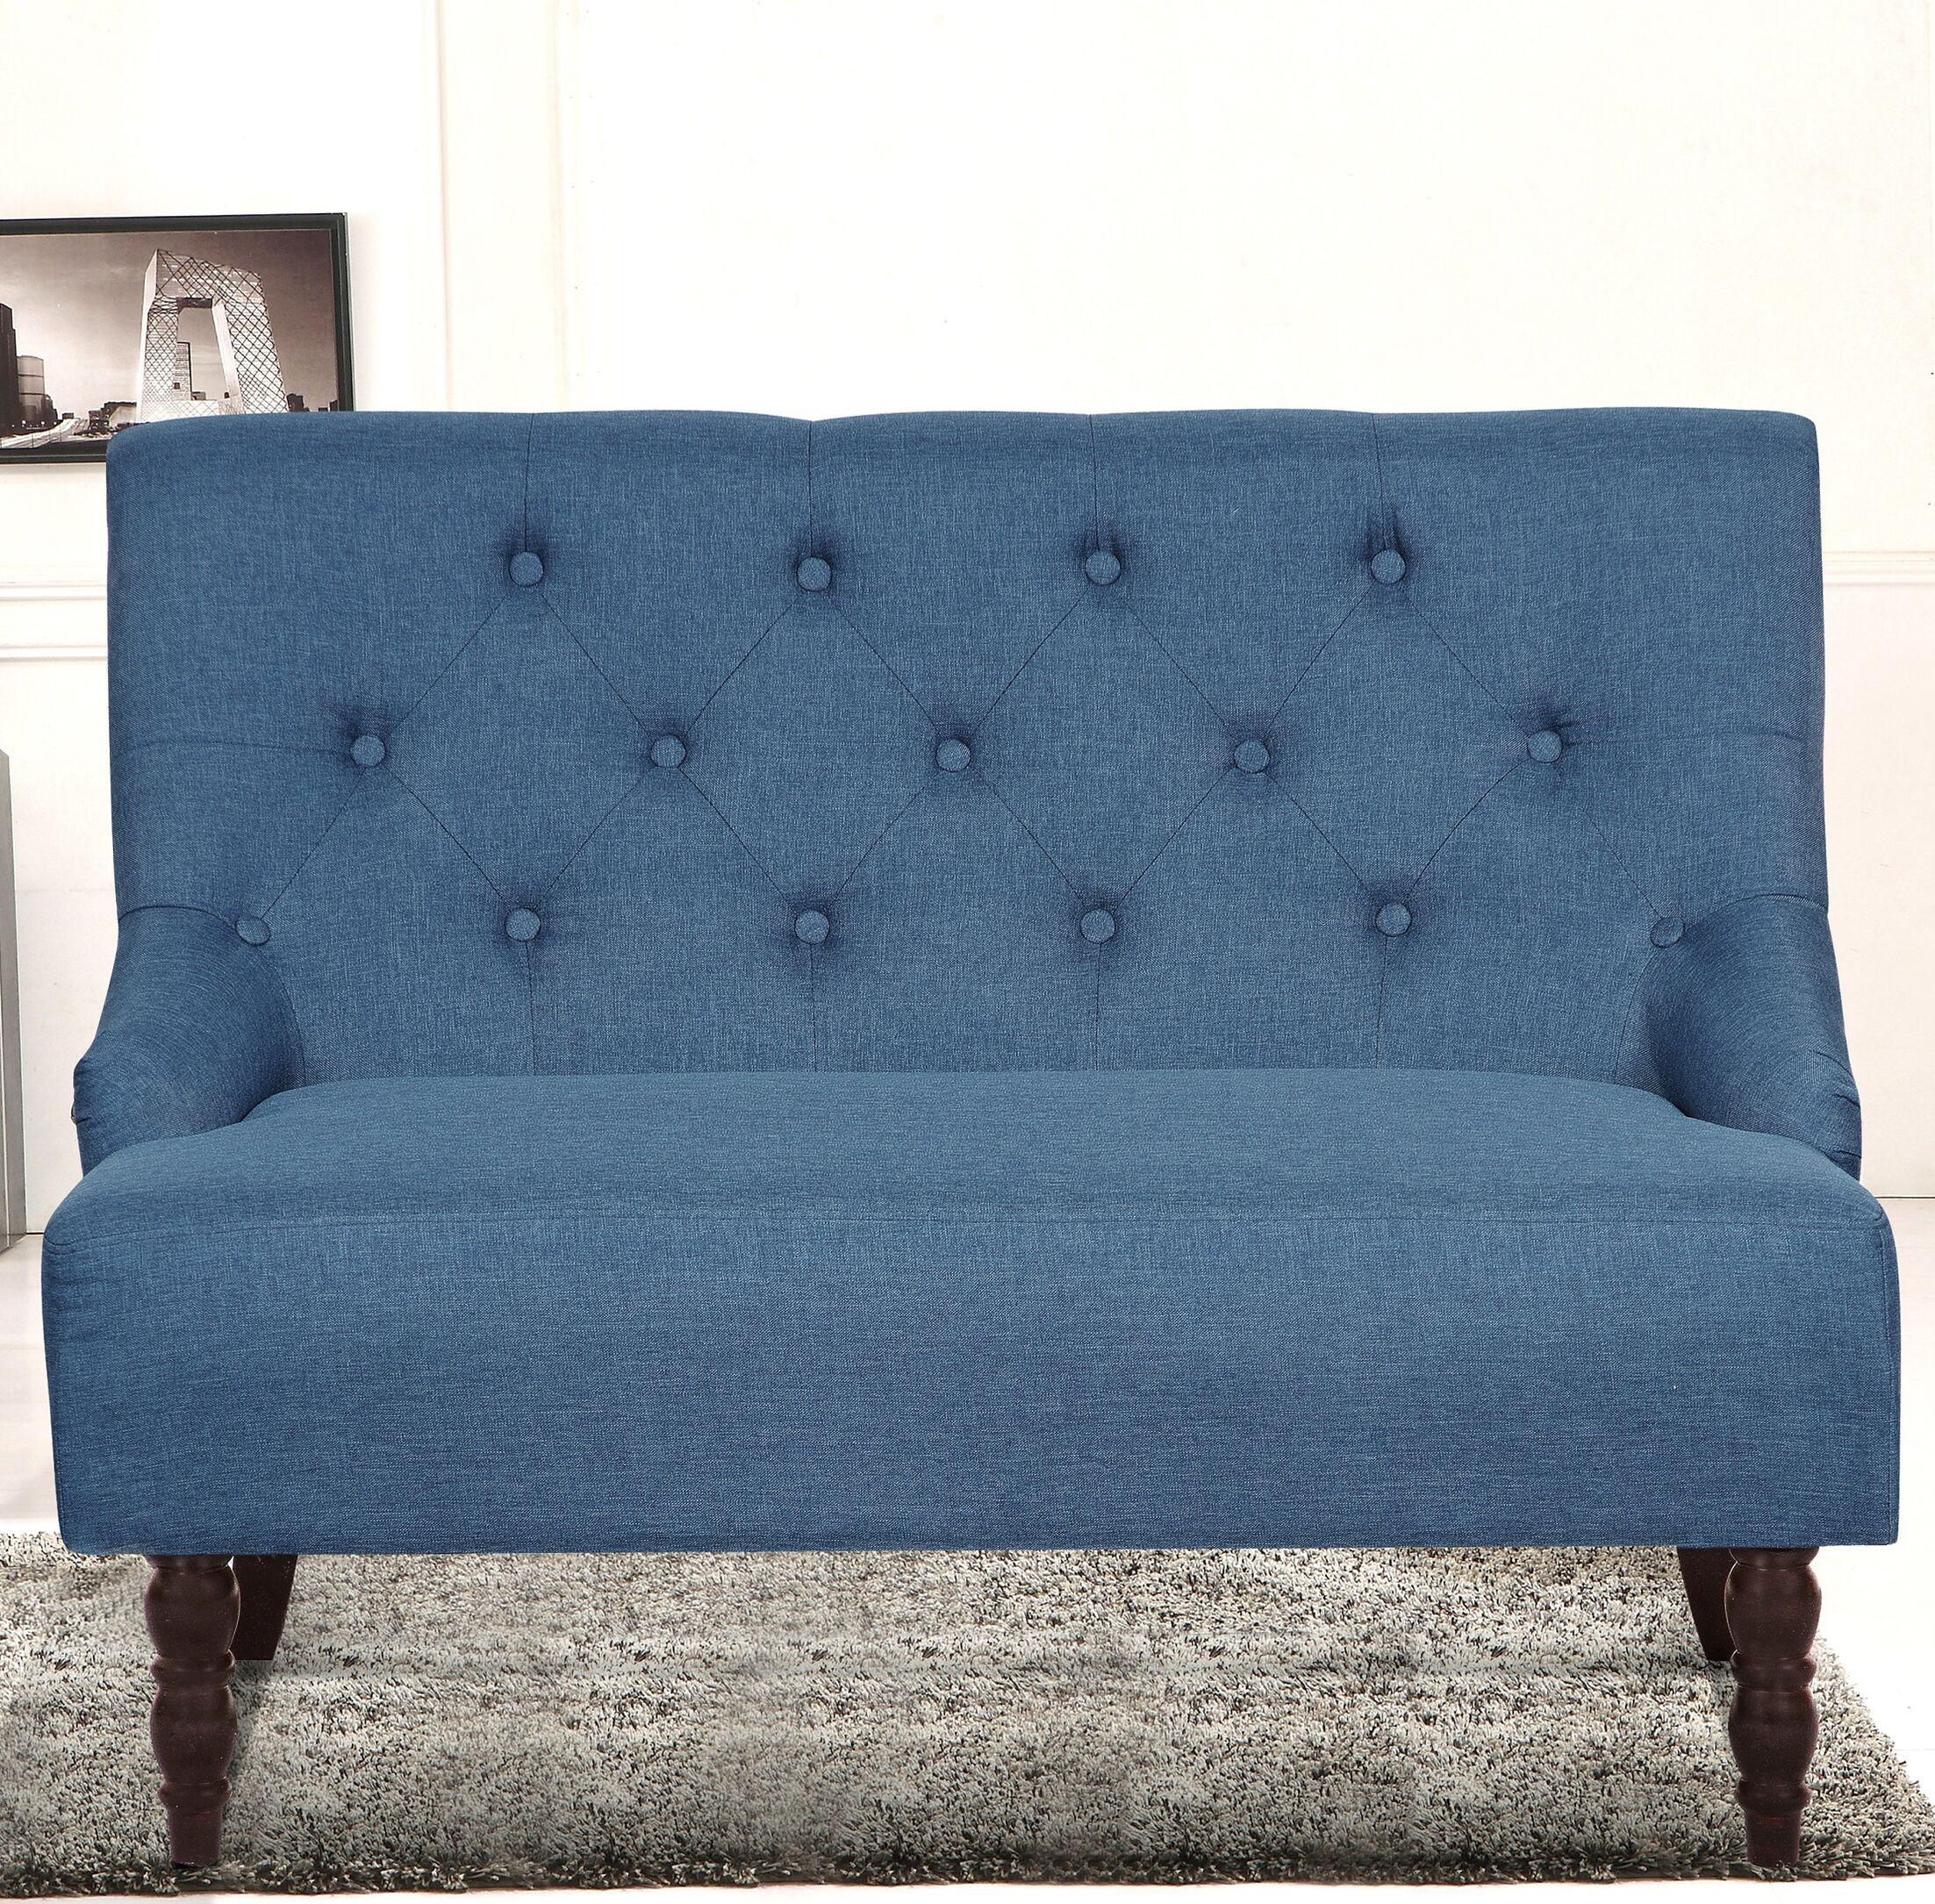 Tufted Linen Upholstered Loveseat Upholstery: Ocean Blue